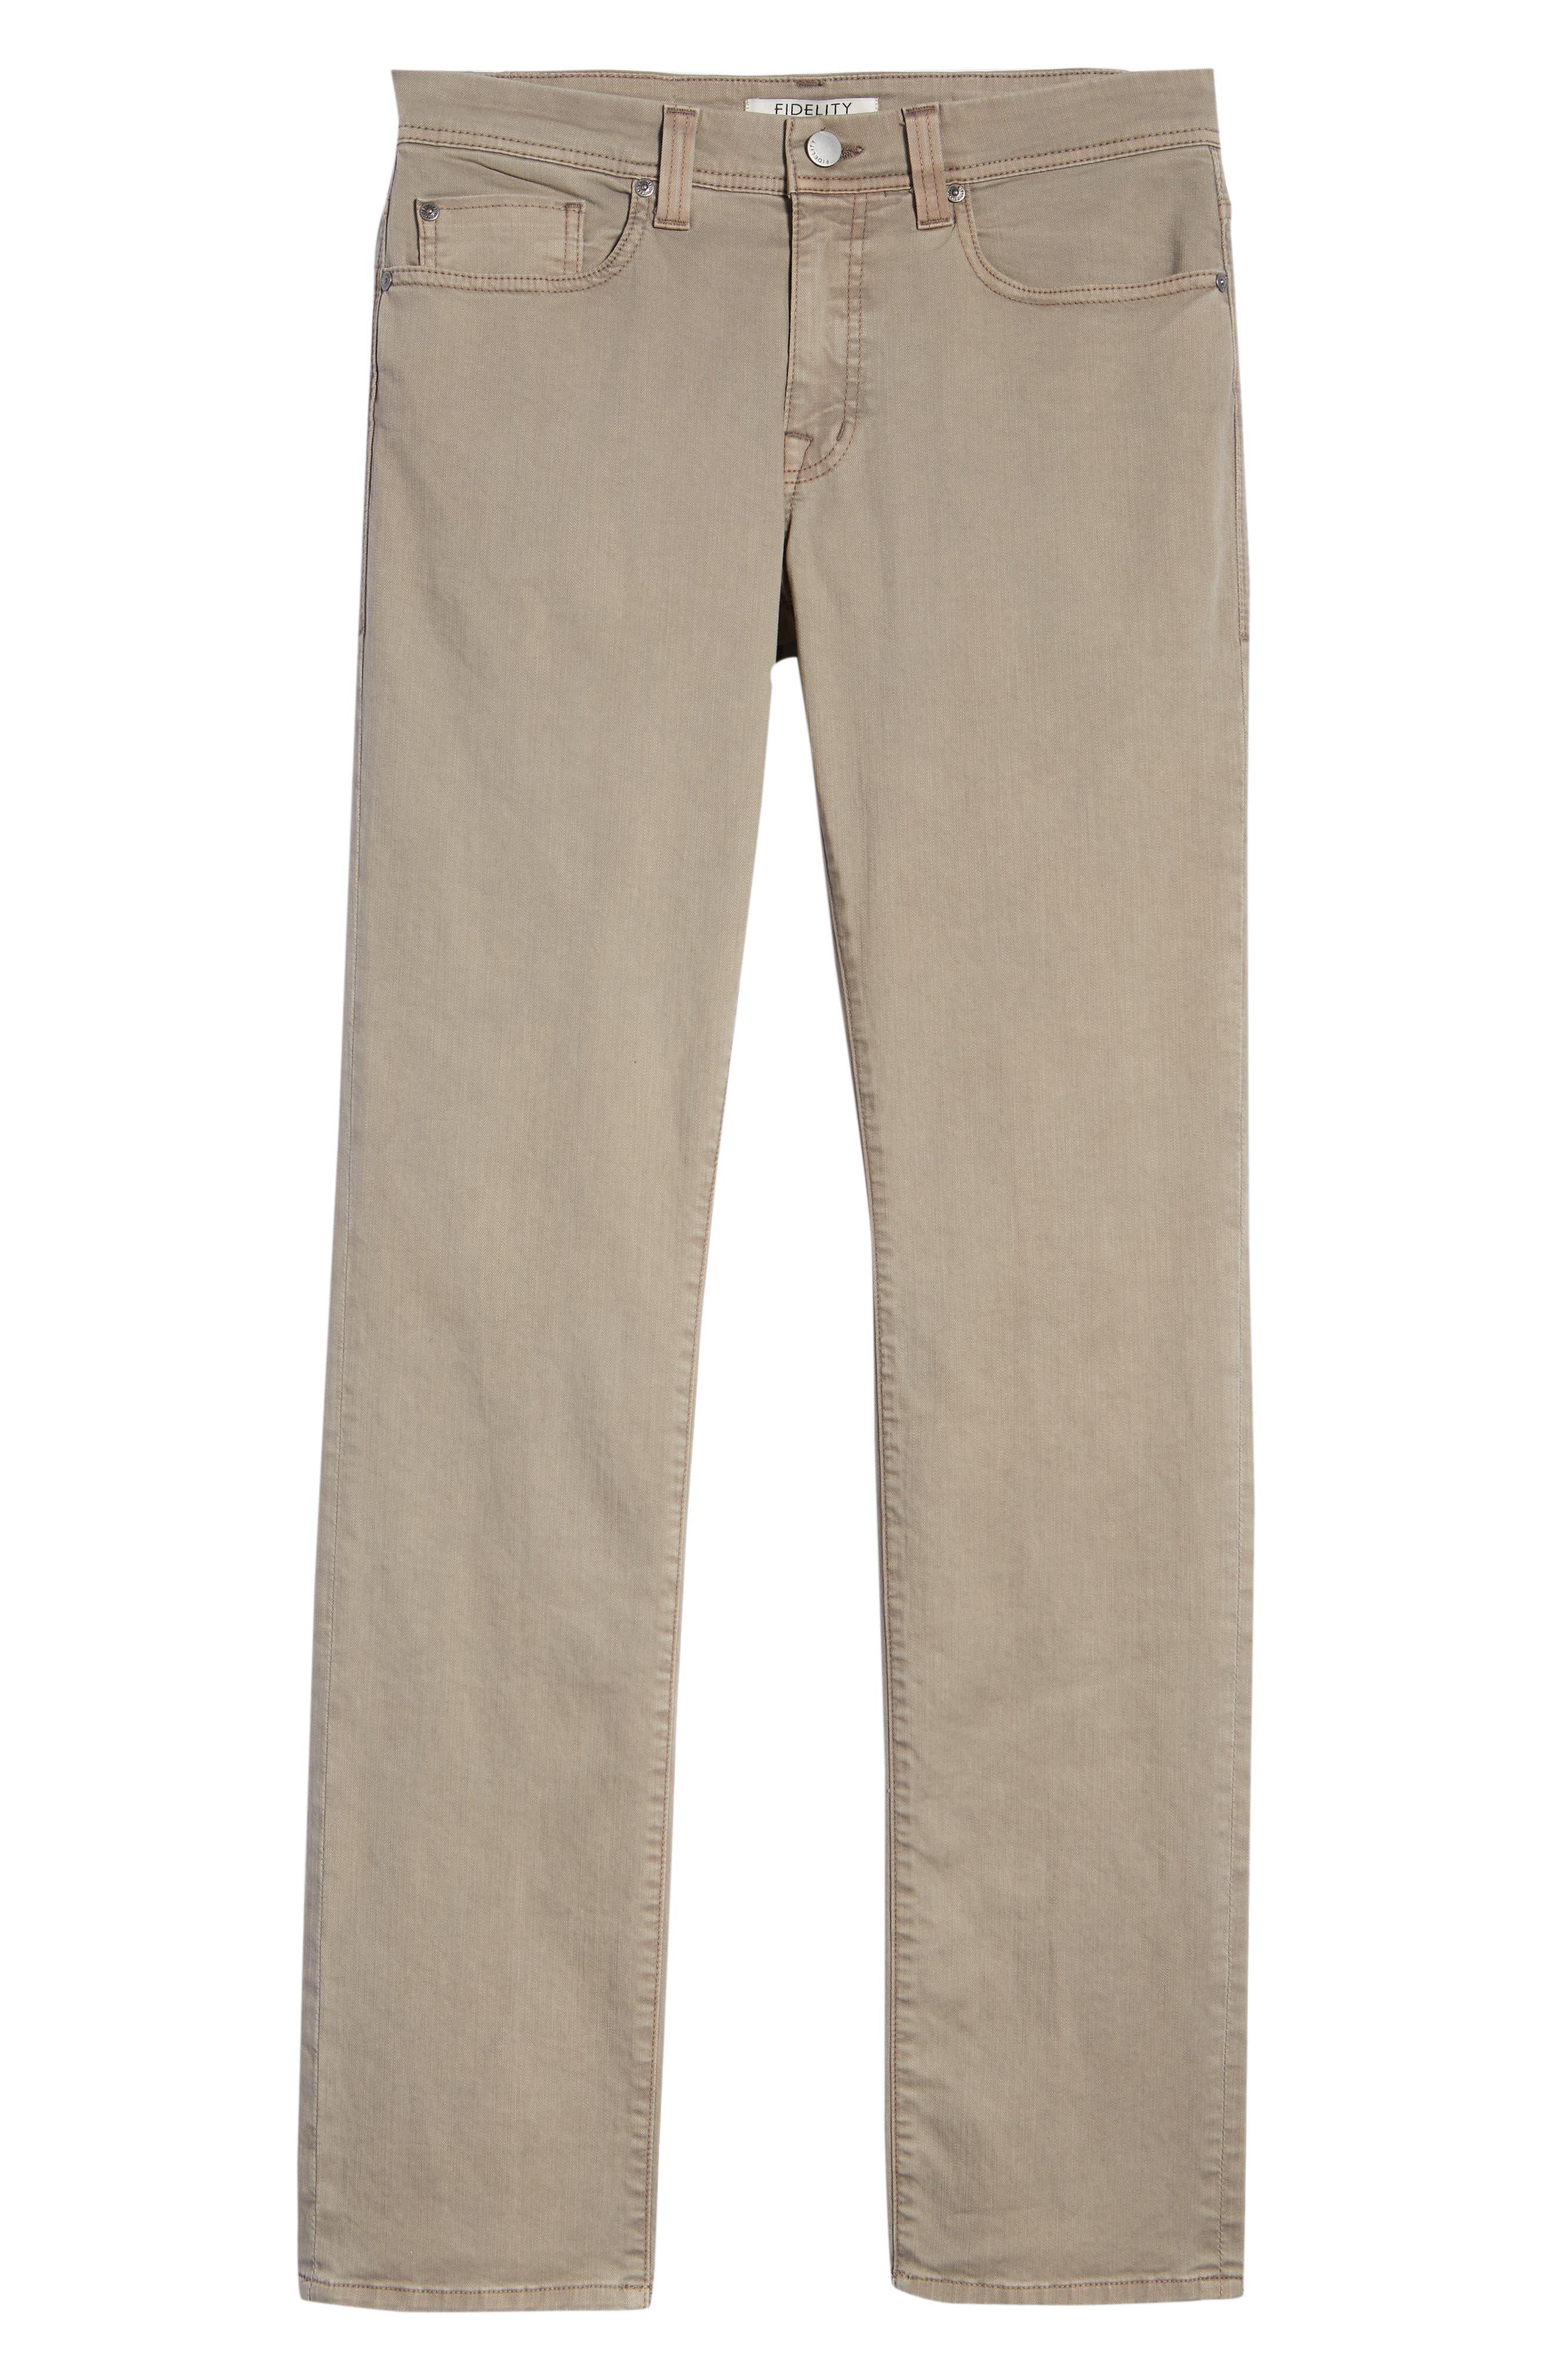 Jimmy Slim Straight Leg Jeans,                             Alternate thumbnail 6, color,                             Khaki